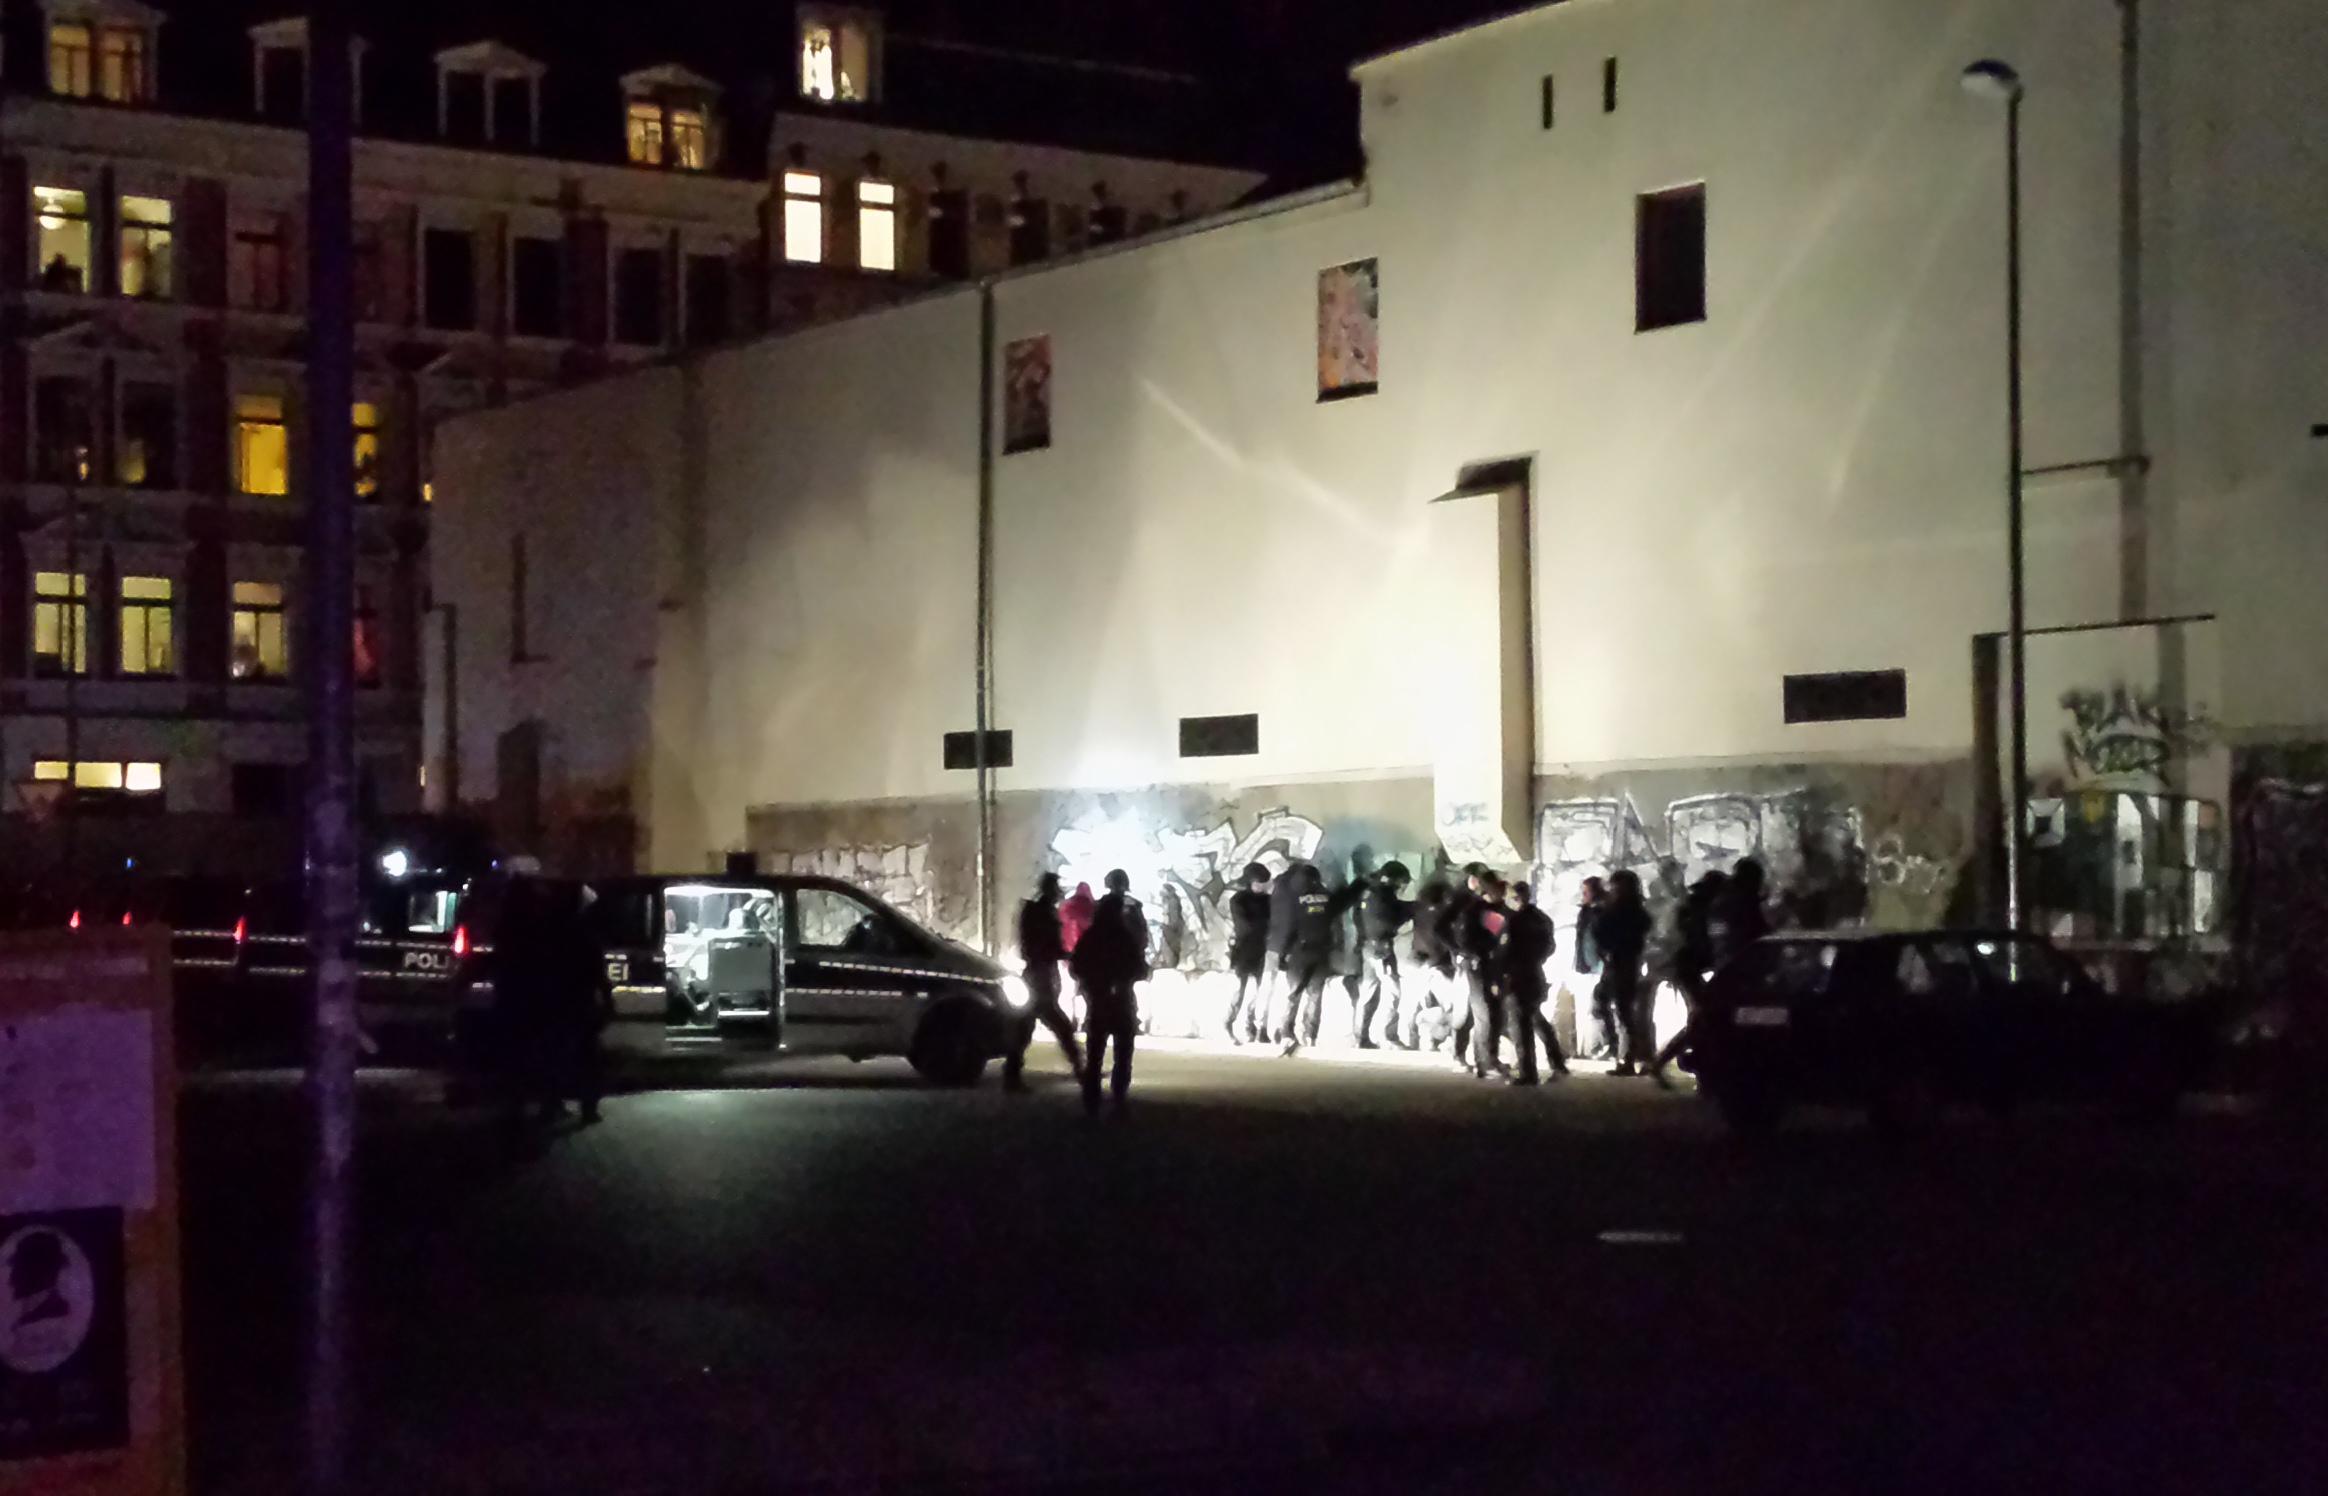 Polizei beginnt, Einzelne aus der Kundgebung herauszulösen und auf einem  Parkplatz zu durchsuchen. Personen